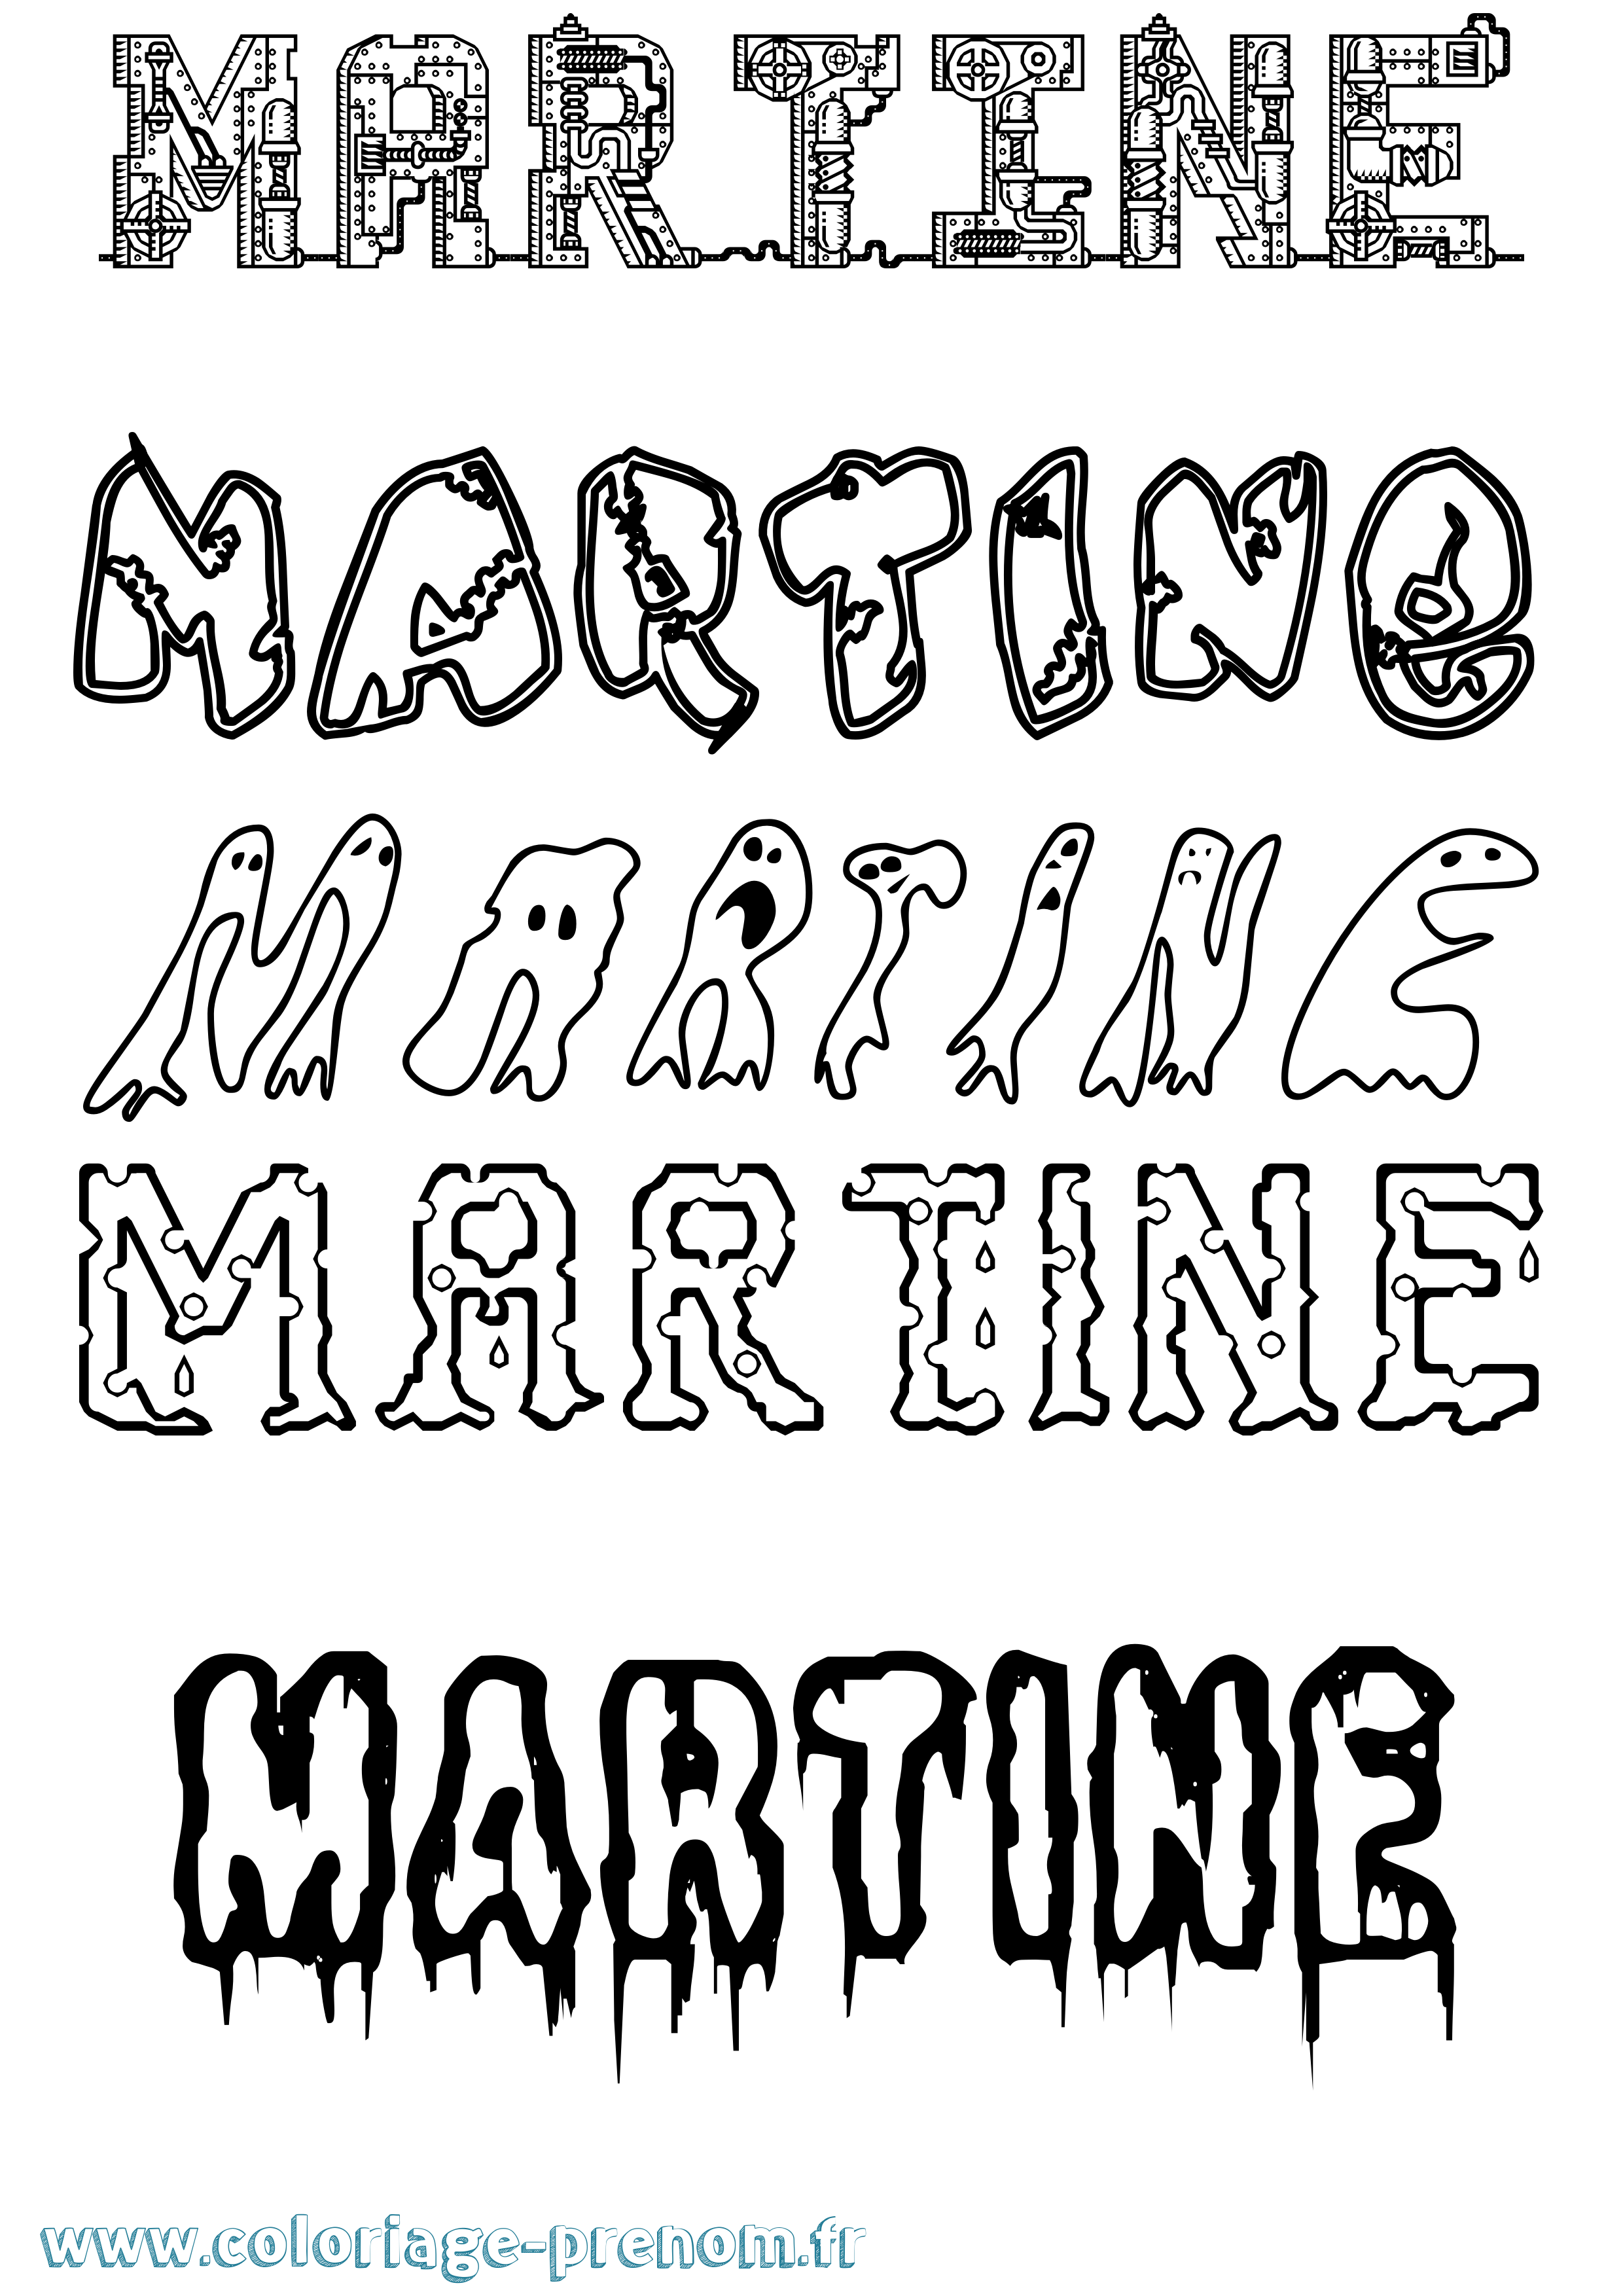 Coloriage du prénom Martine : à Imprimer ou Télécharger ...